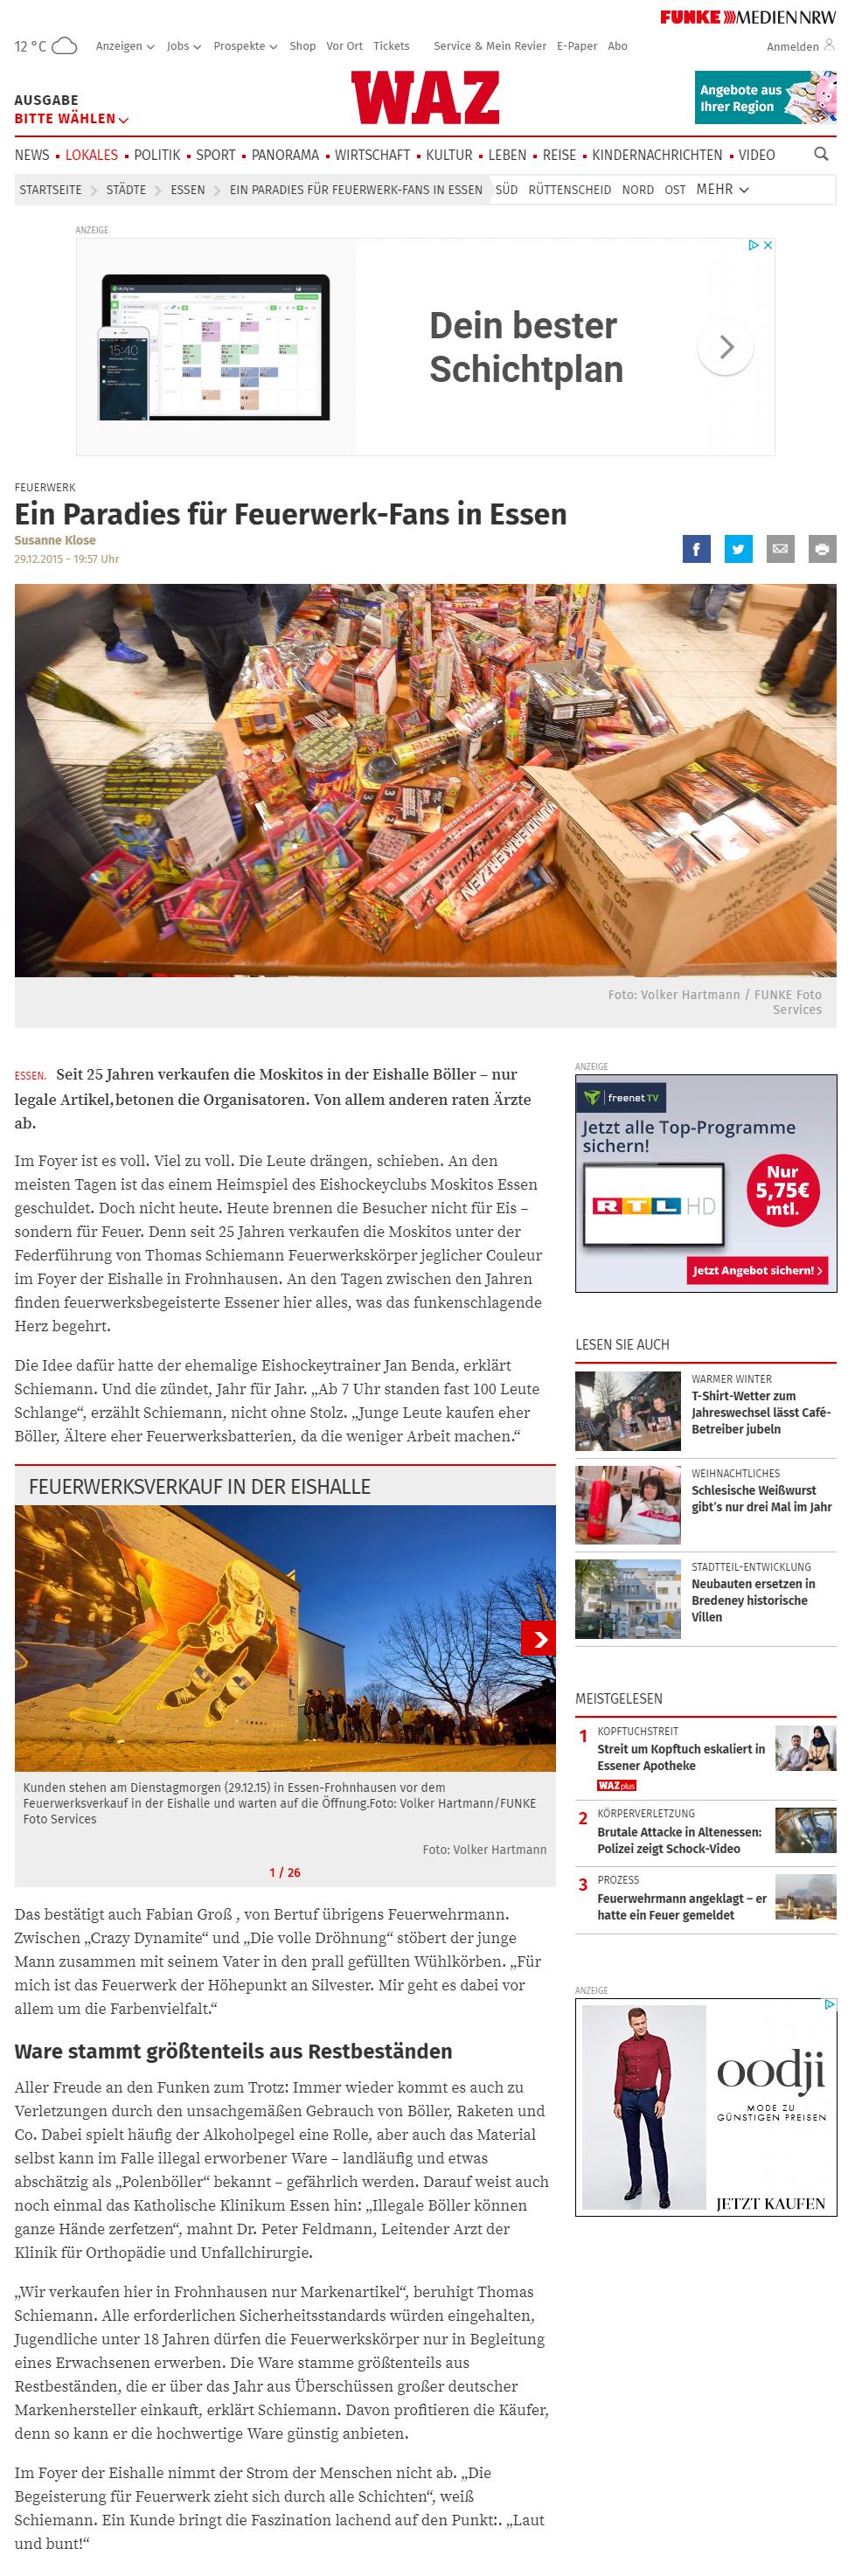 WAZ Presseartikel 29.12.2015